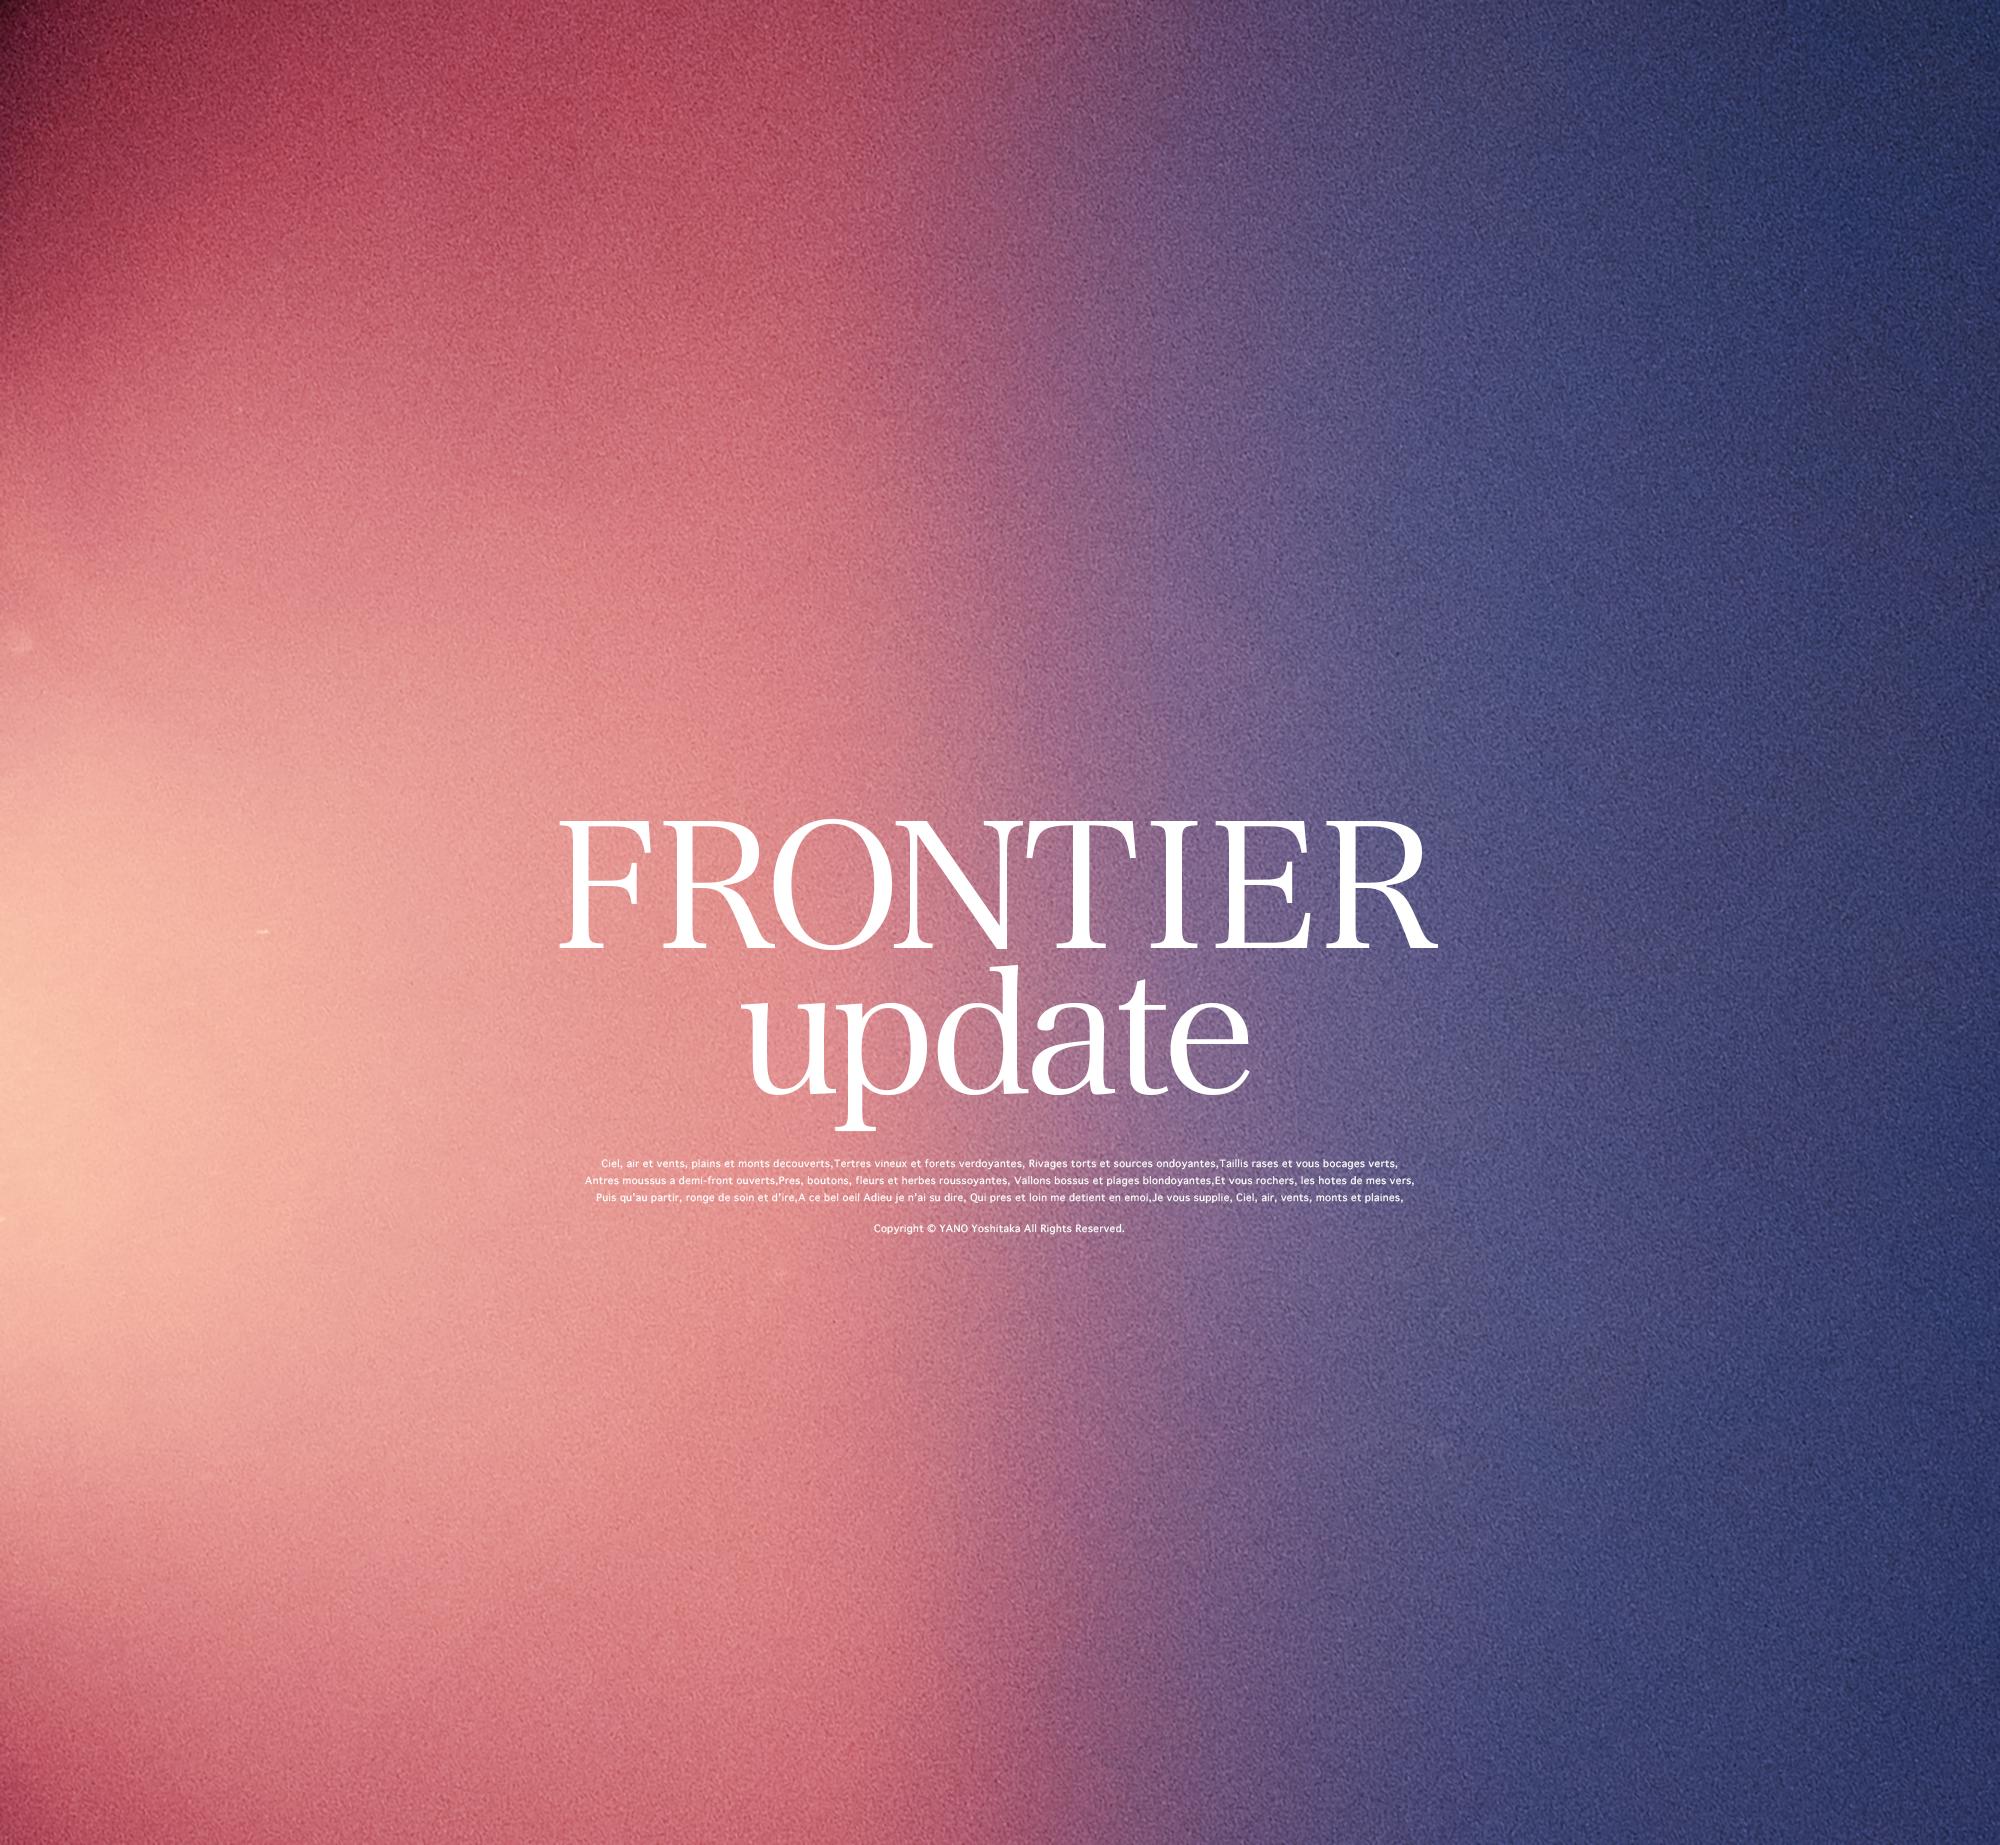 FRONTIER-update.png